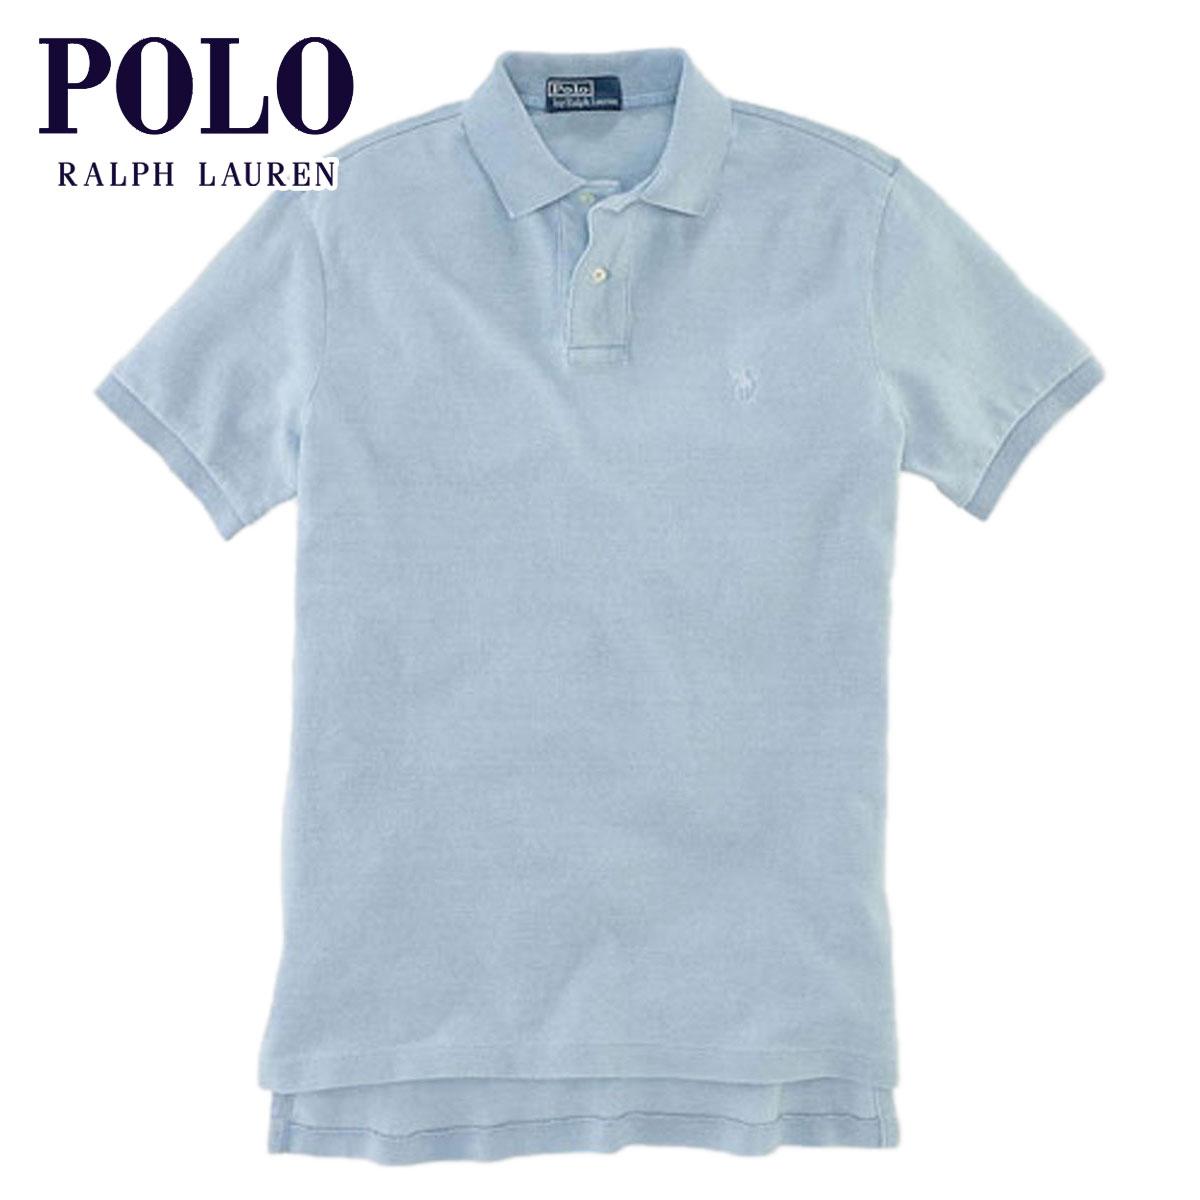 【販売期間 3/2 19:00~3/8 9:59】 ポロ ラルフローレン POLO RALPH LAUREN 正規品 メンズ ポロシャツ Custom-Fit Indigo Polo LIGHT BLUE